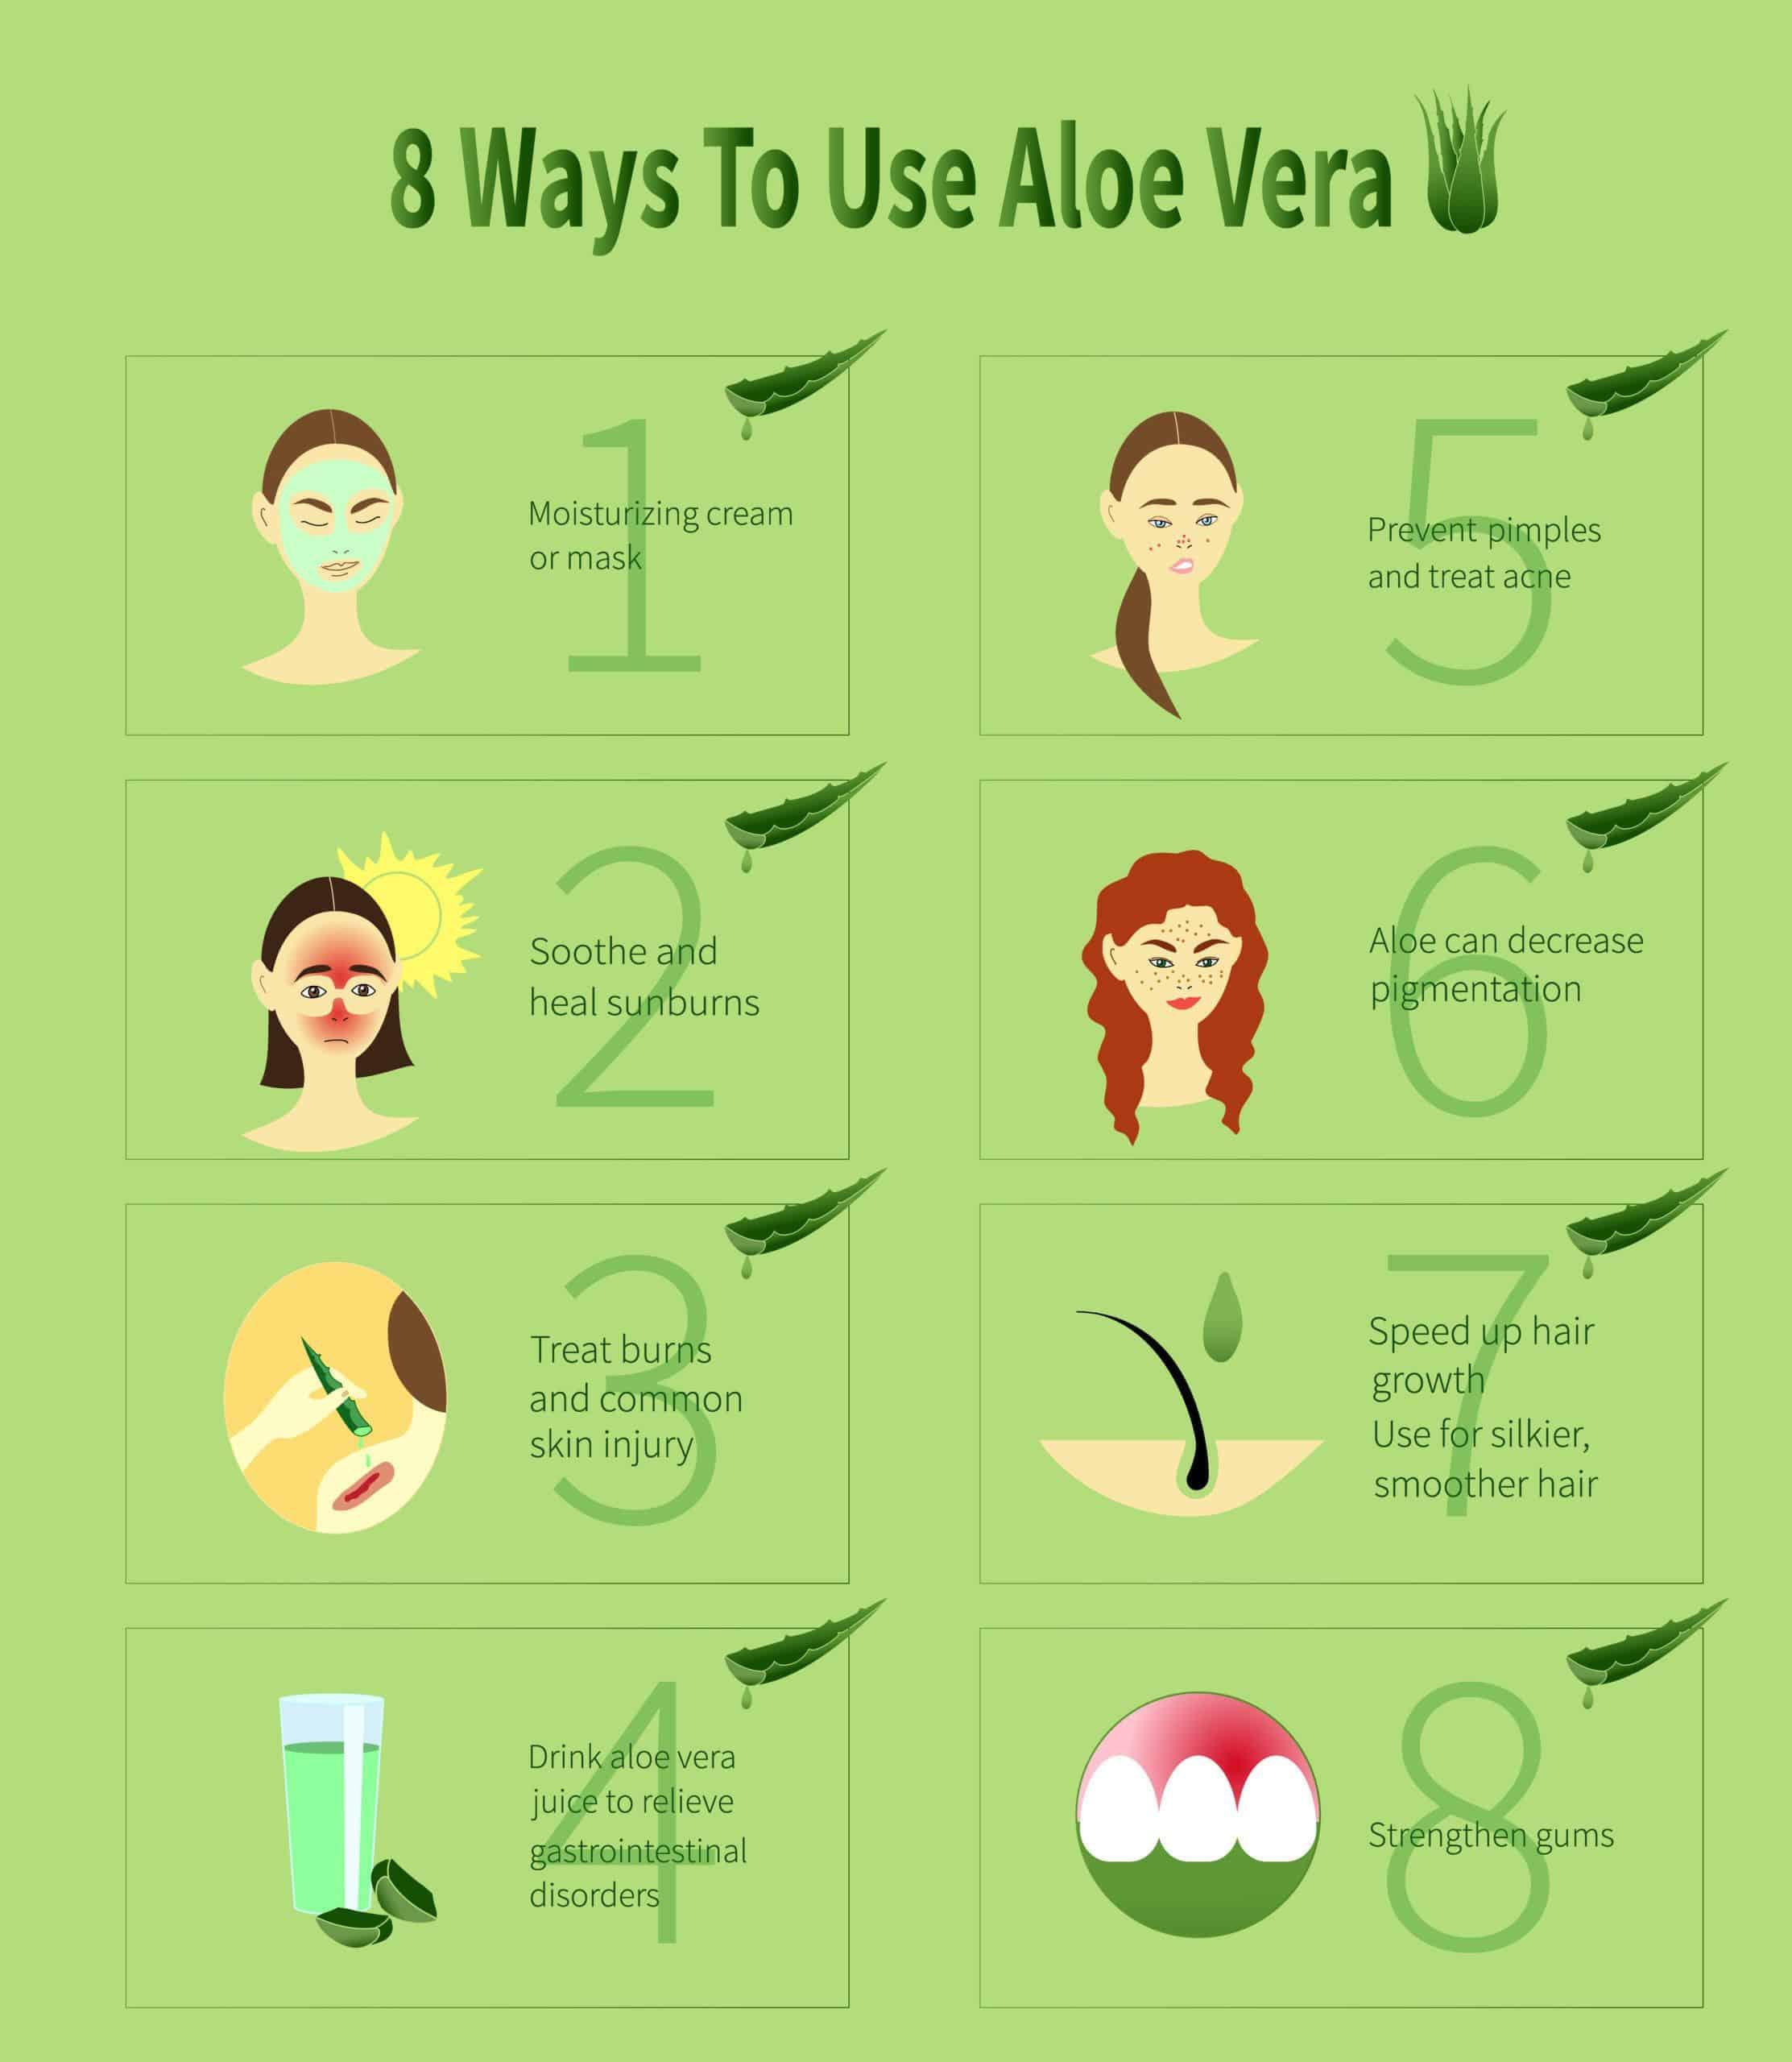 Aloe Vera infographic.Ways To Use Aloe Vera.